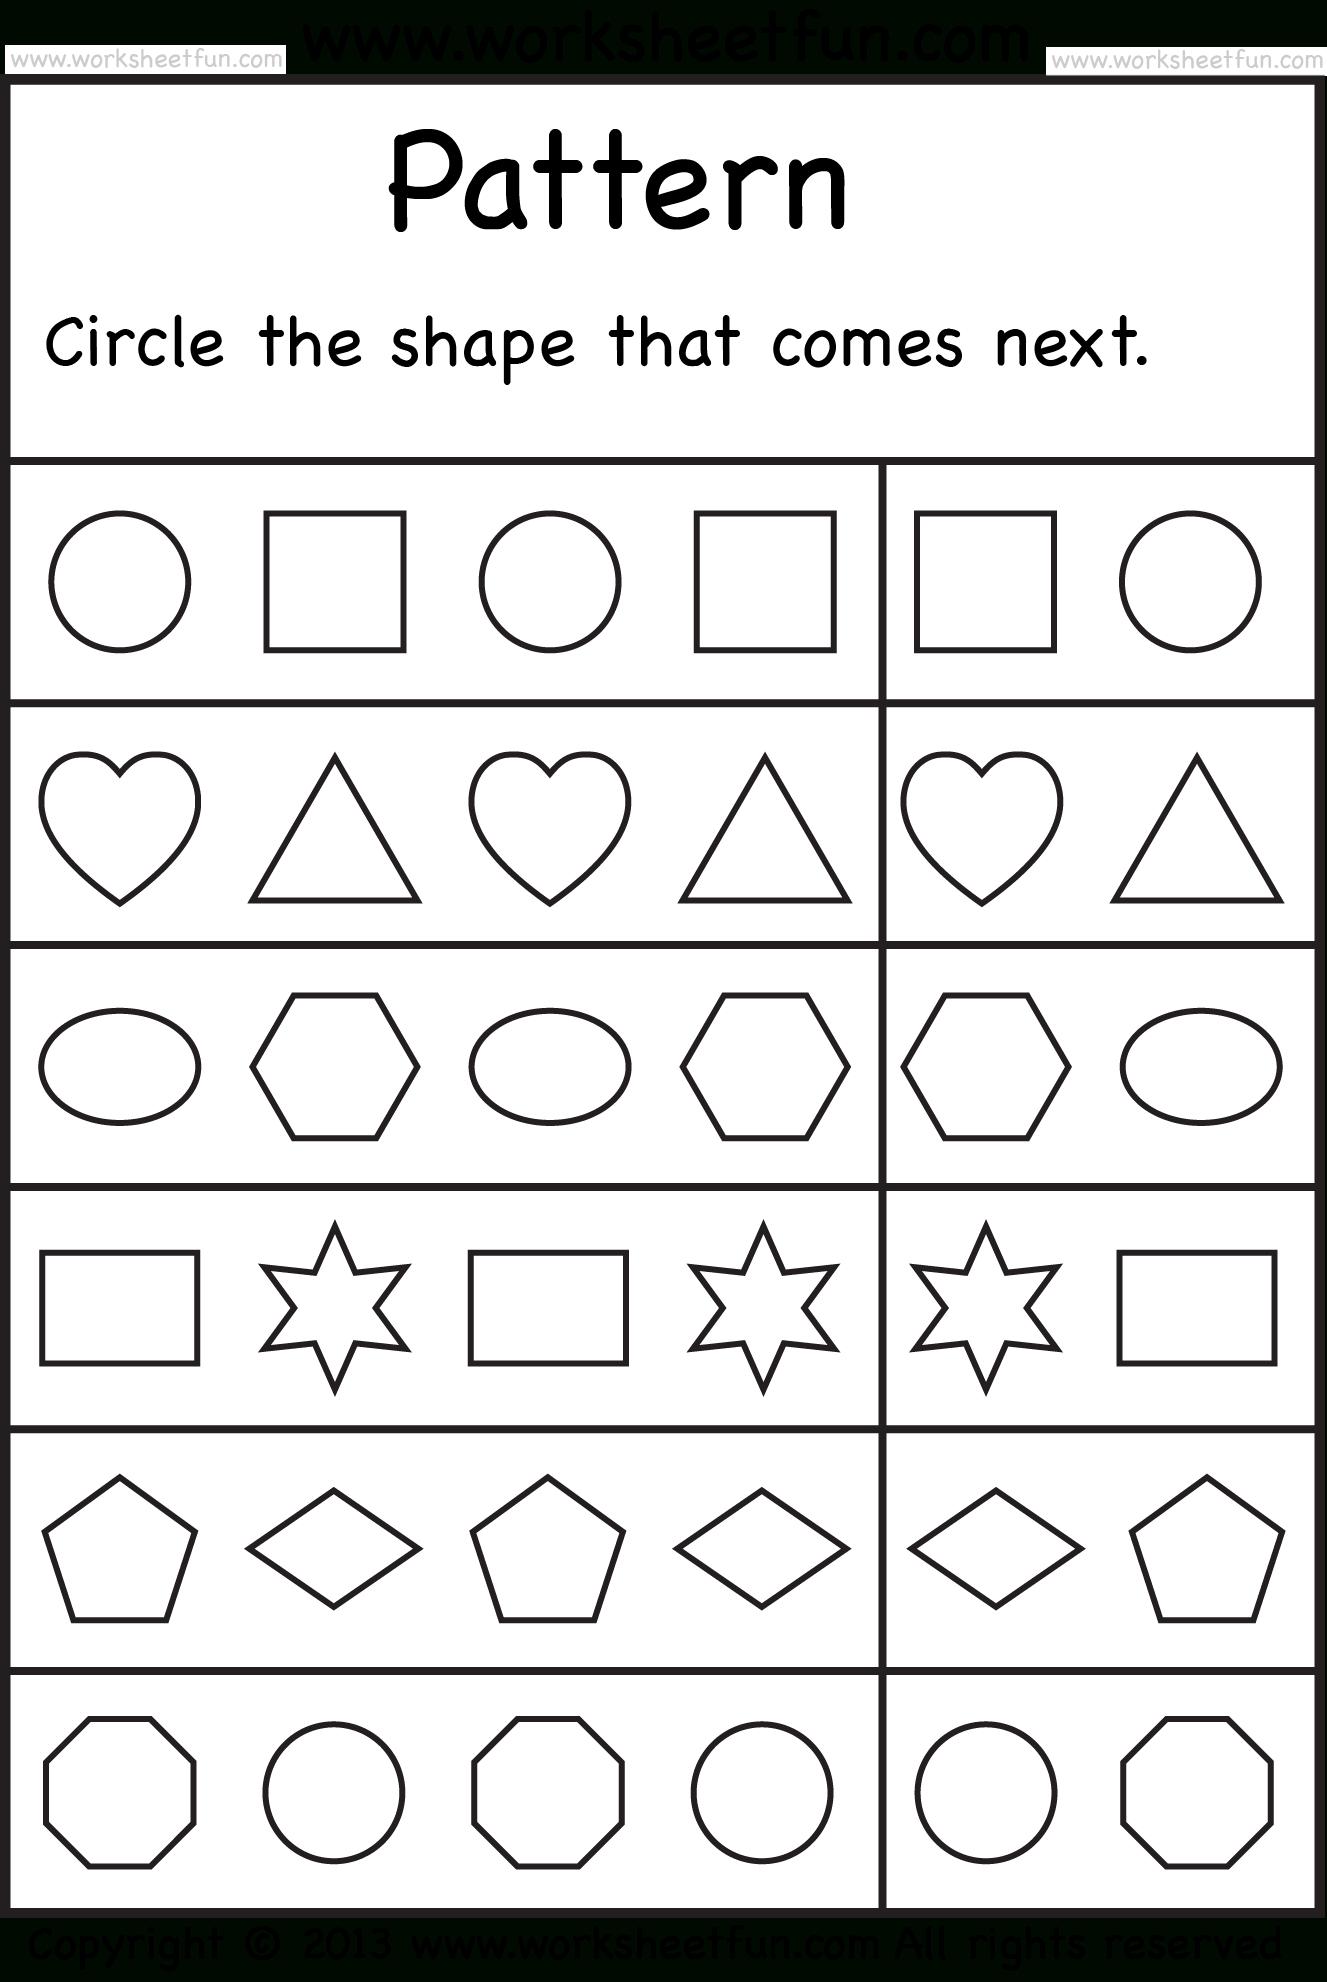 Free Printable Worksheets – Worksheetfun / Free Printable - Free Printable Activities For Preschoolers